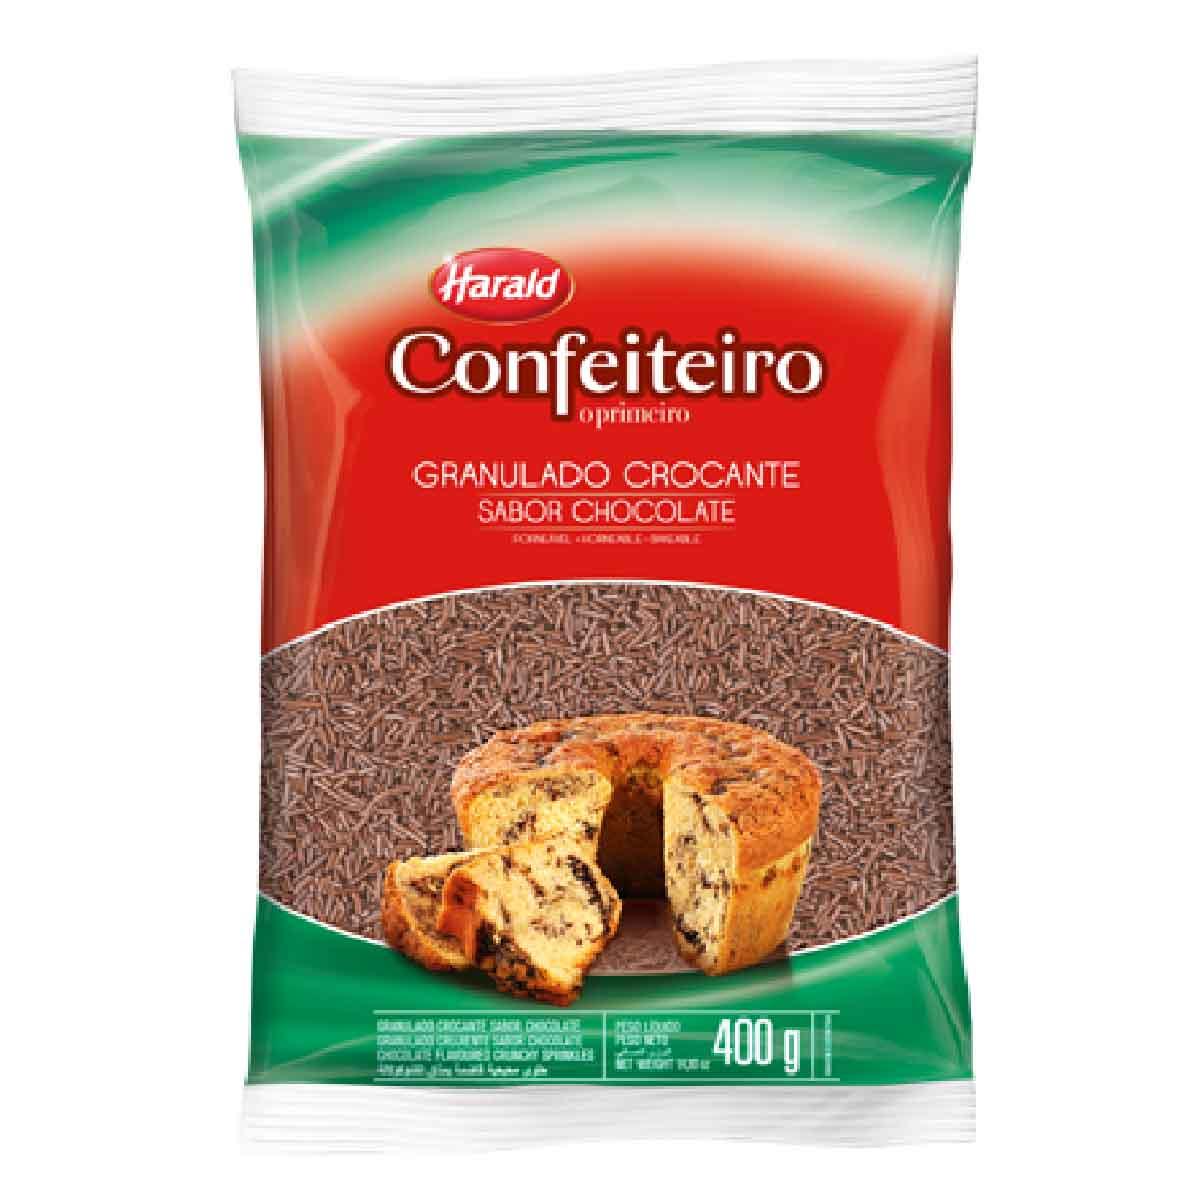 Granulado Crocante sabor Chocolate Confeiteiro 400g Harald